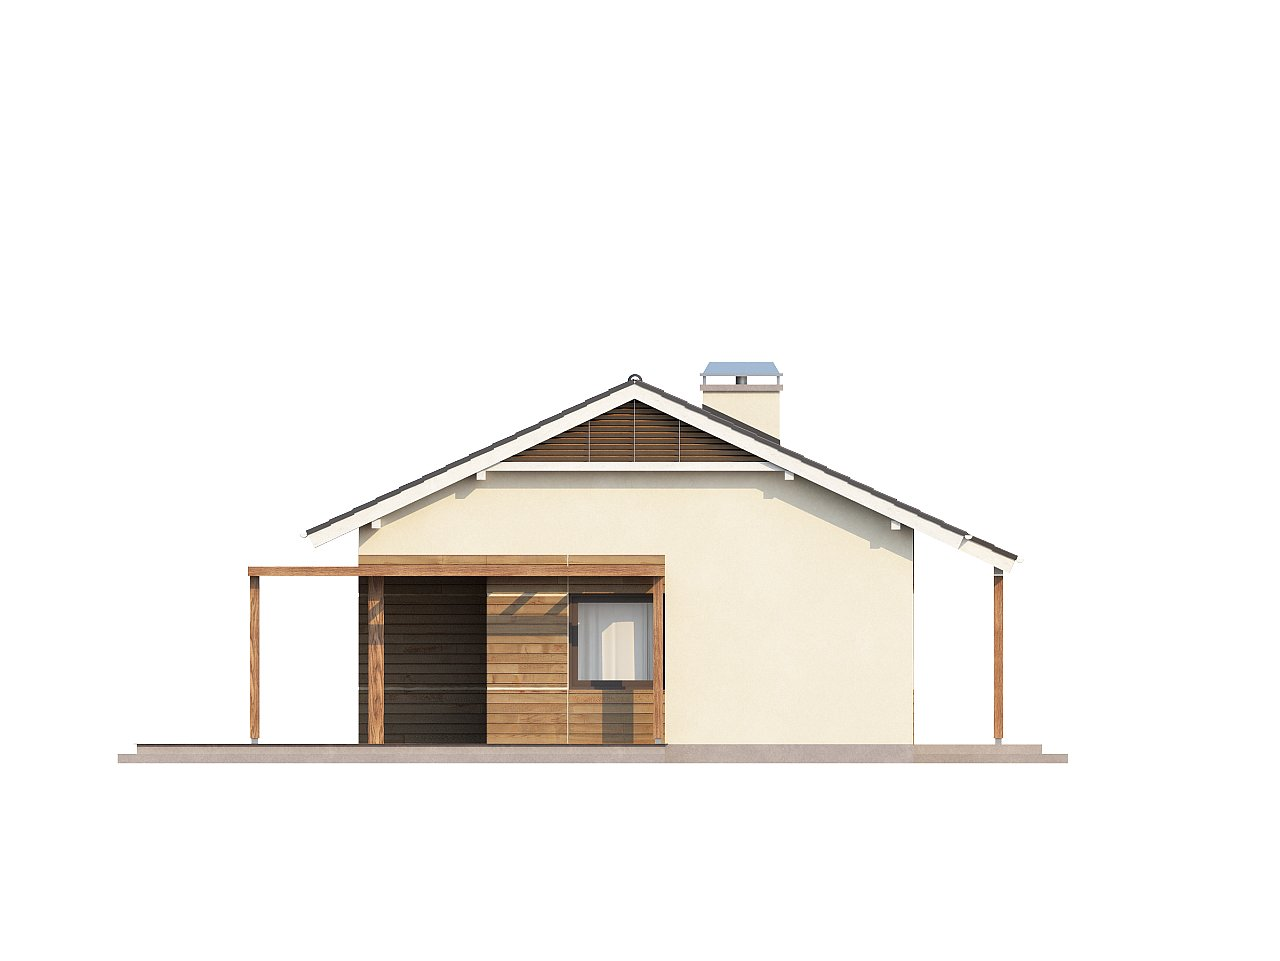 Проект компактного одноэтажного дома, экономичного как в строительстве, так и в эксплуатации. 16